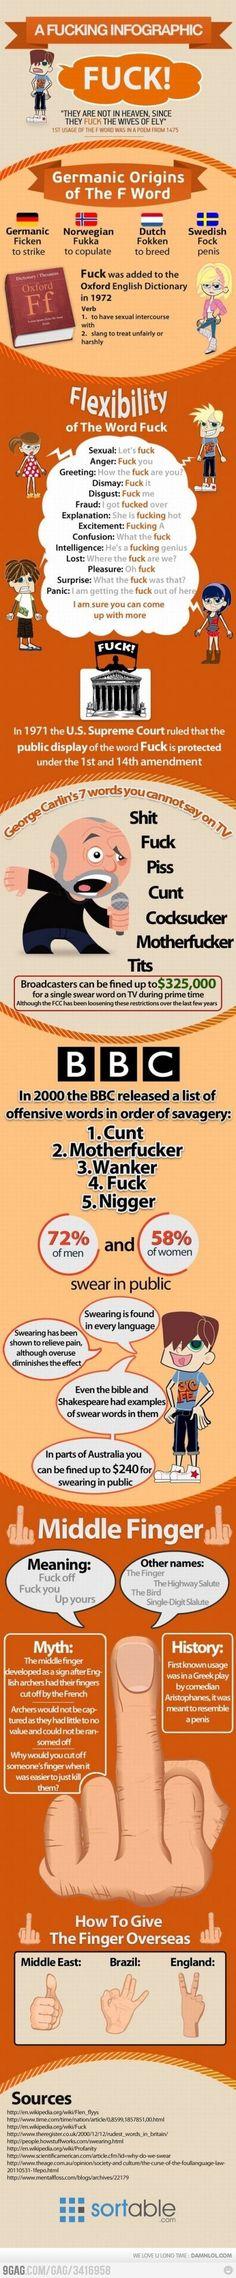 infographic..